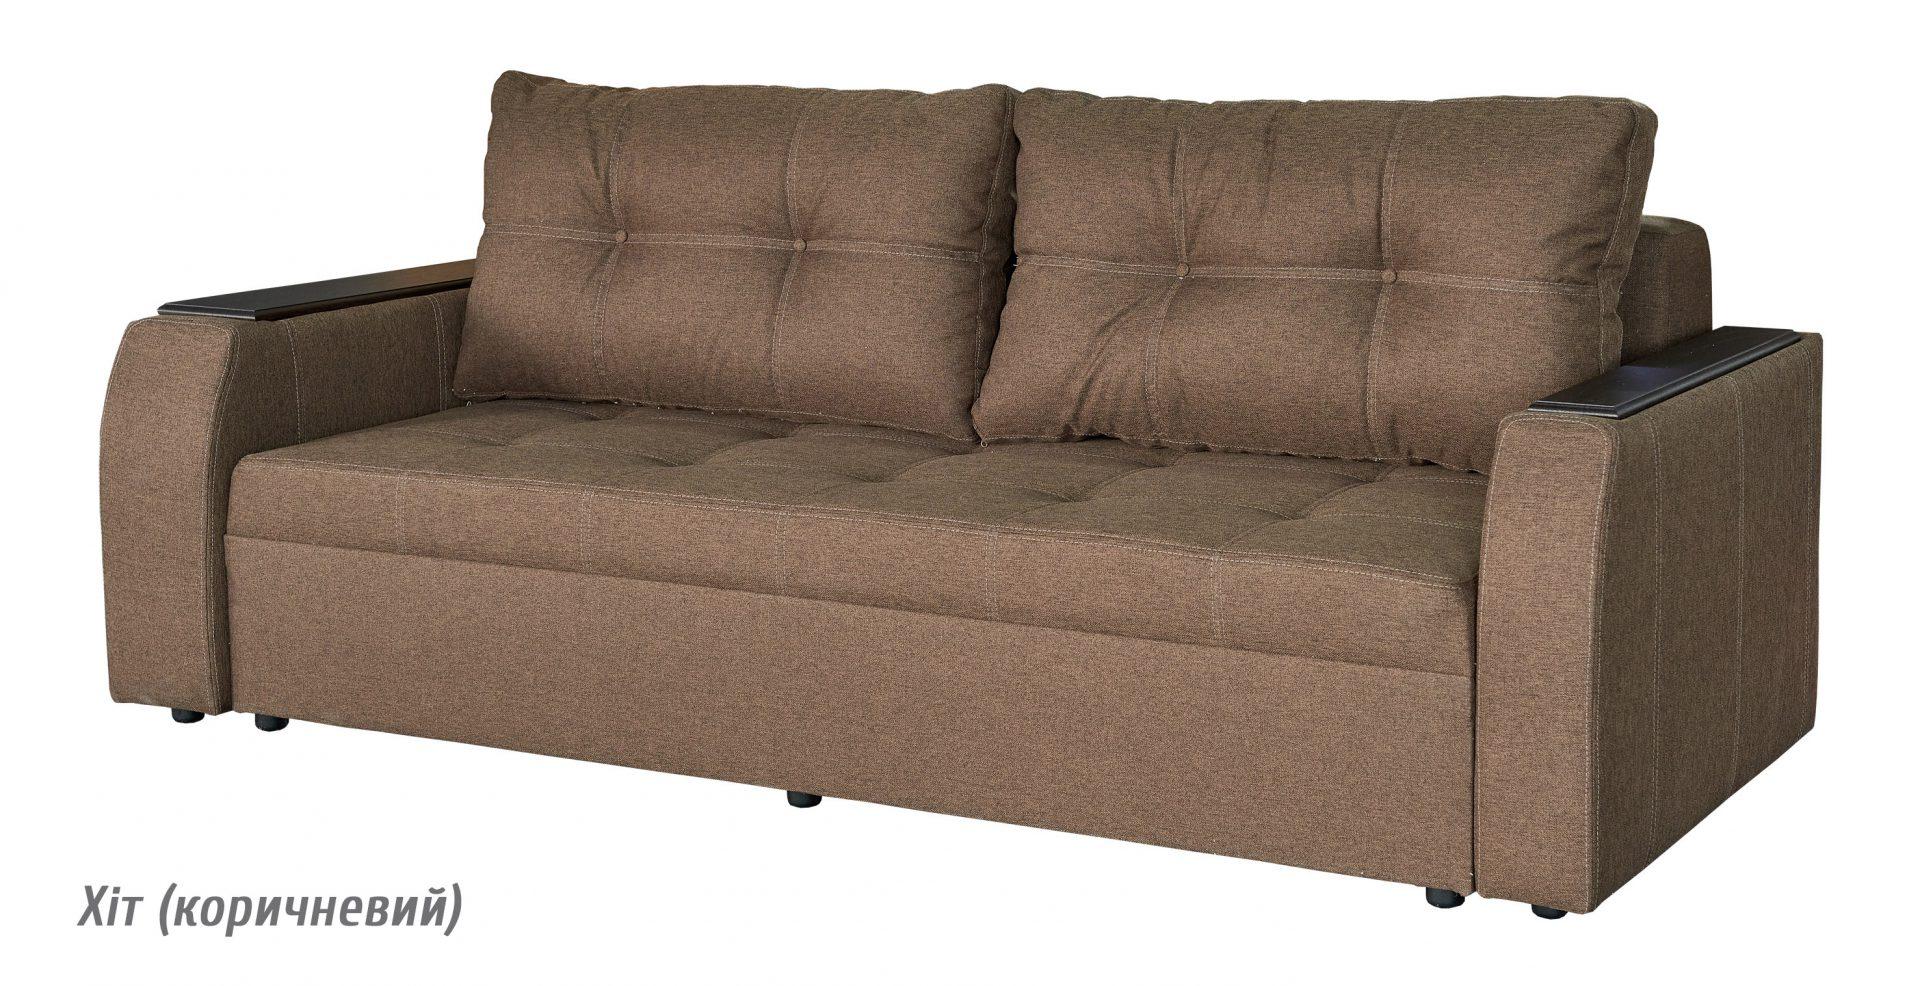 Дина диван (Мебель Сервис)